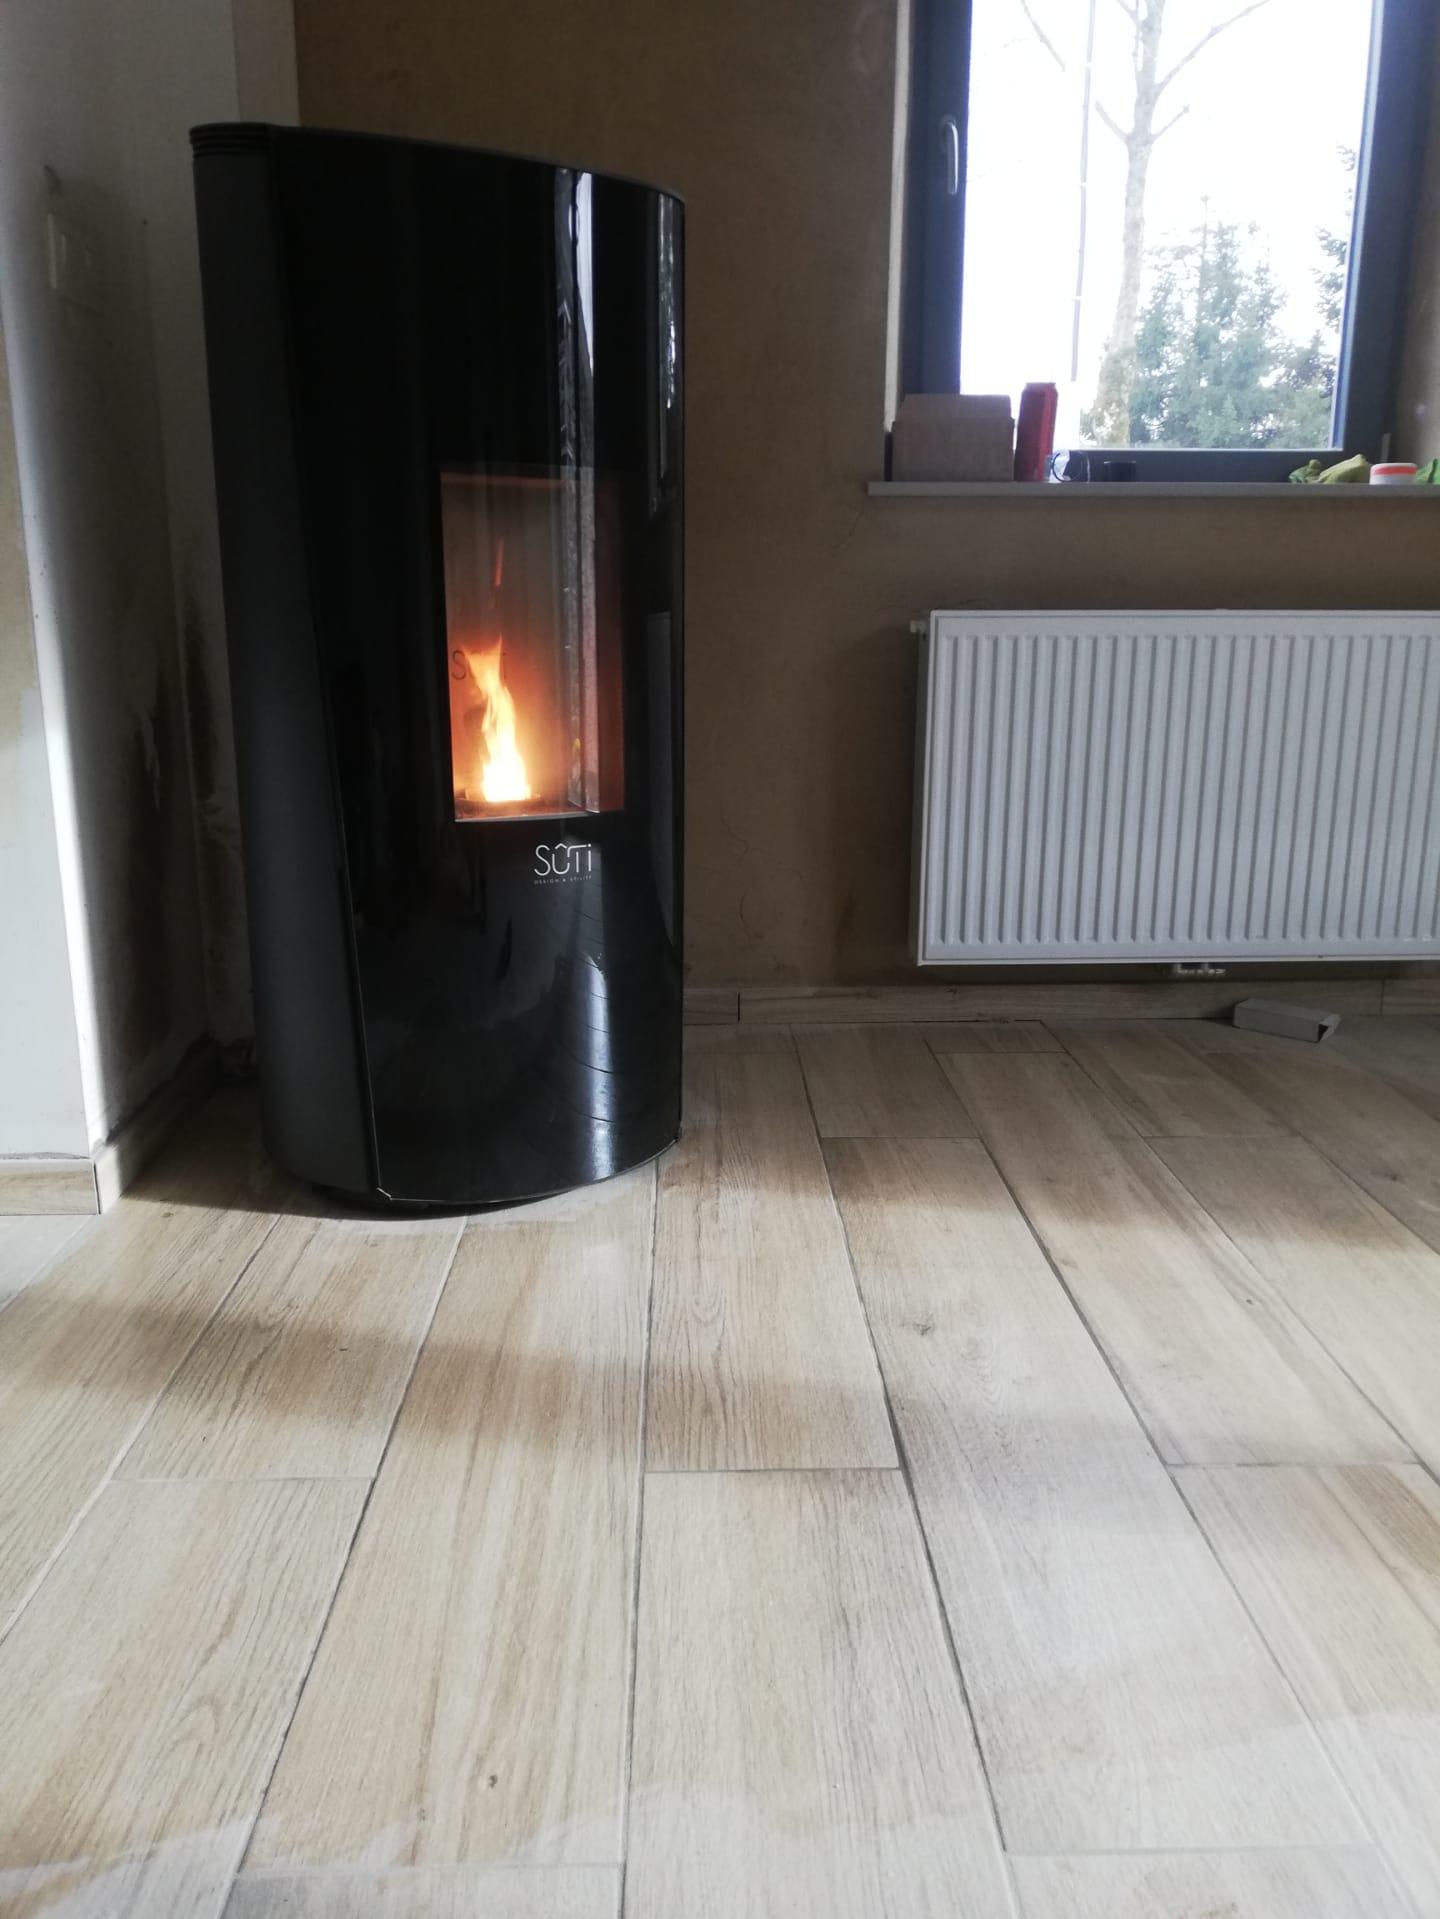 Sûti Design & Utility | Poêle à pellet IP1 verre noir